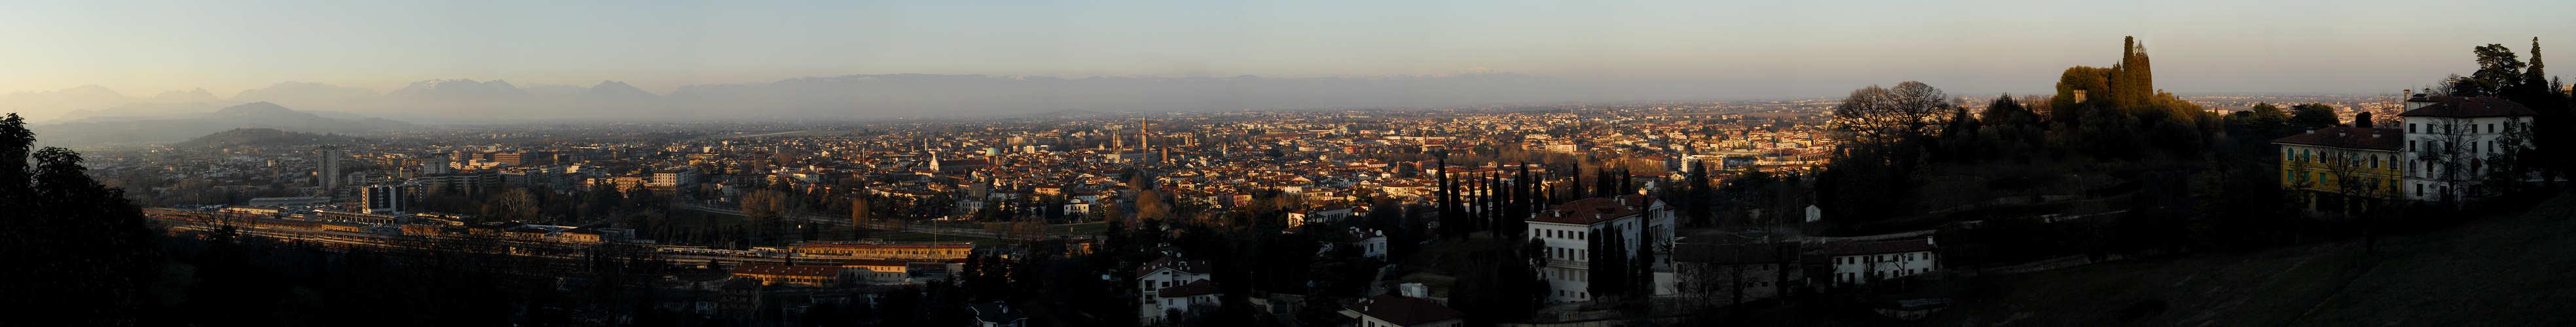 Vicenza : panoramica dalla terrazza del Santuario della Madonna di ...